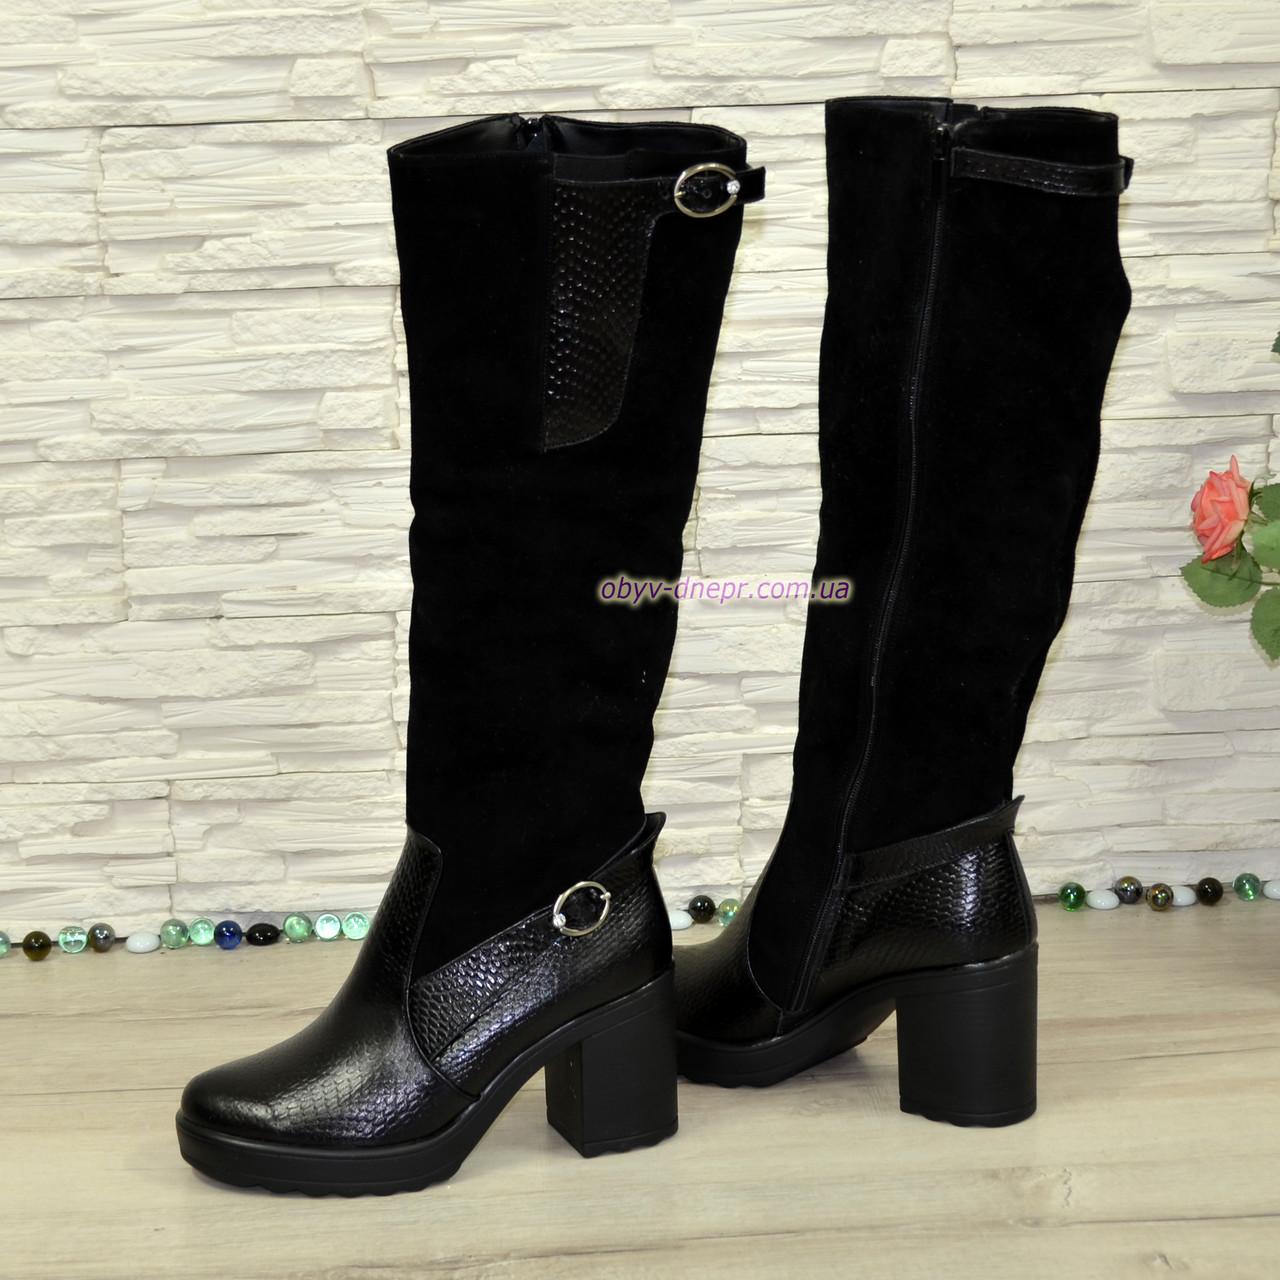 a9c55462c ... Женские зимние высокие стильные сапоги, натуральный замш+кожа  крокодил+камни, ...